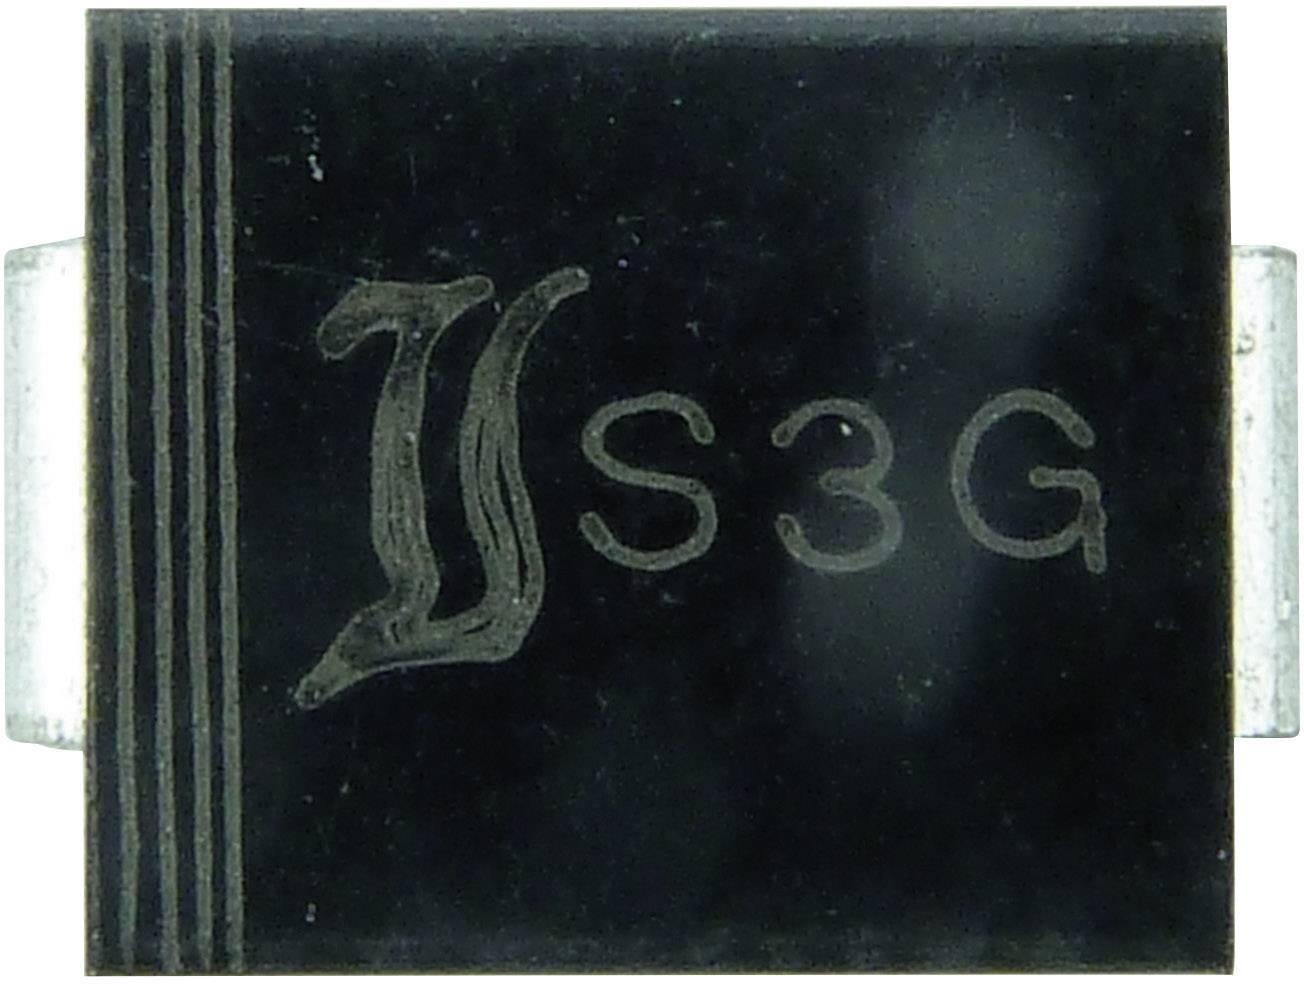 Dióda Z Diotec Z3SMC56, DO-214AB, zener. napätie 56 V